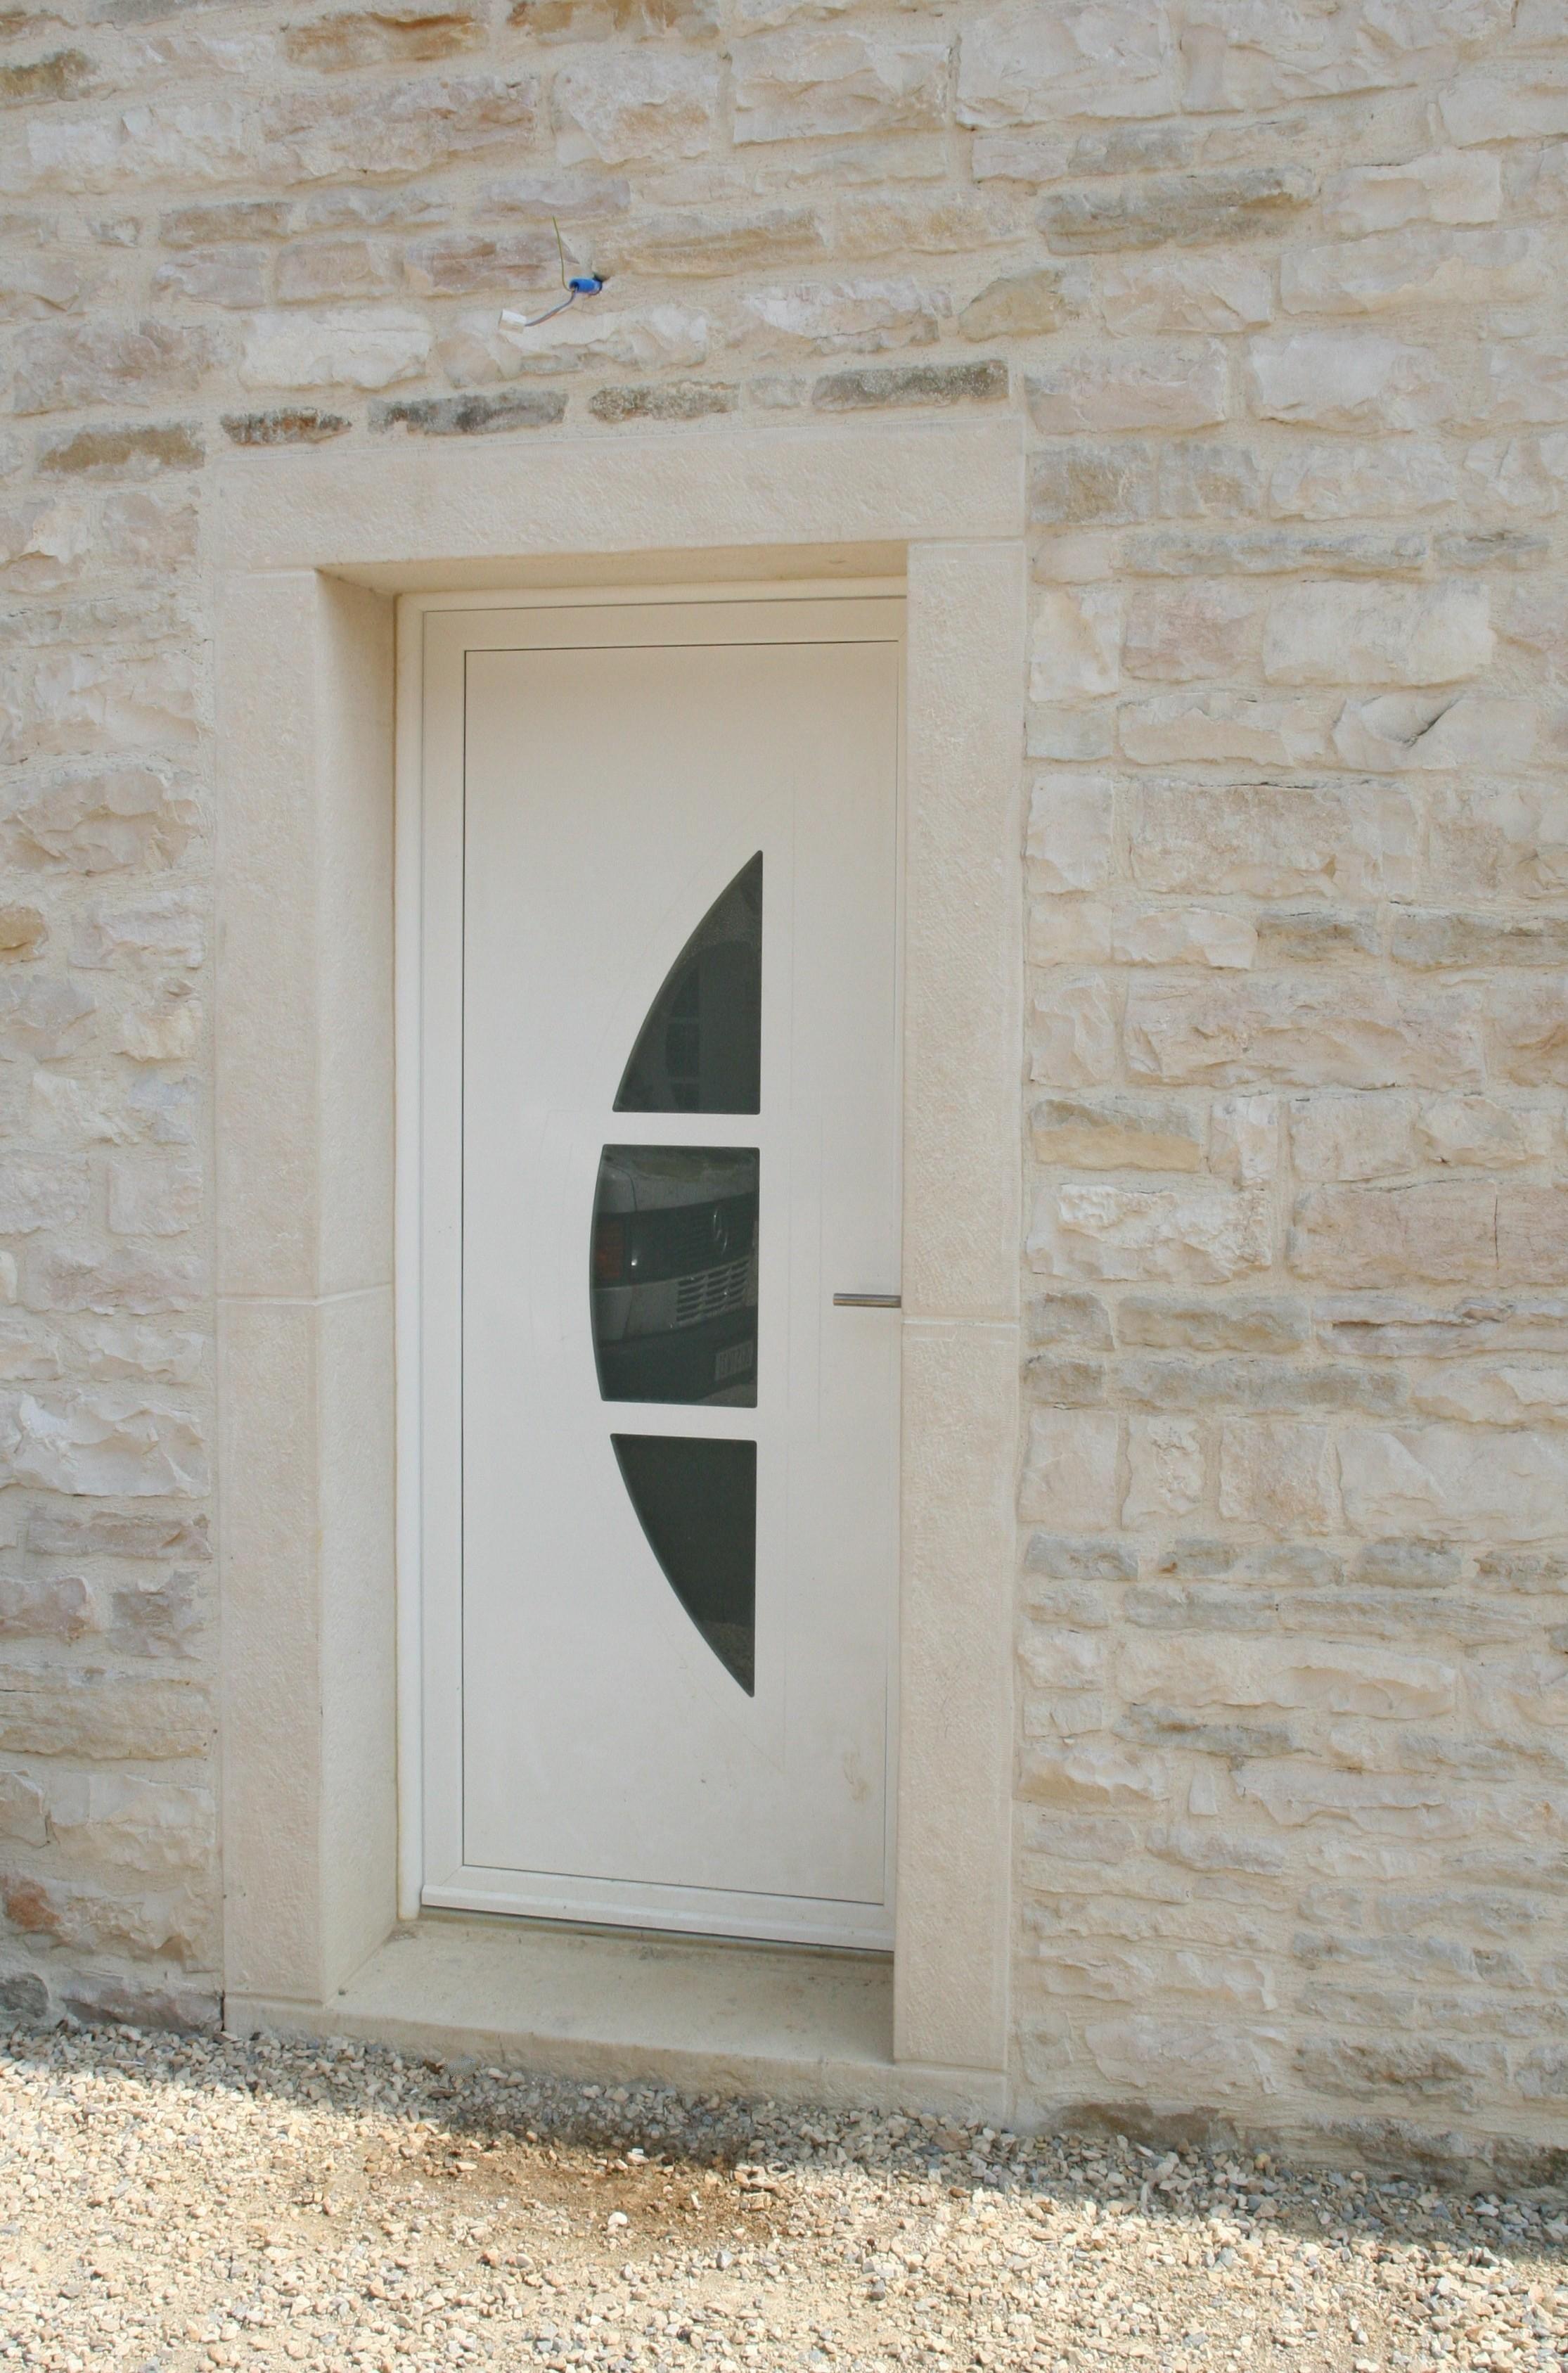 ordinaire Encadrement pierre reconstituée monobloc, porte du0027entrée 90 x 215 cm.  Rénovation des